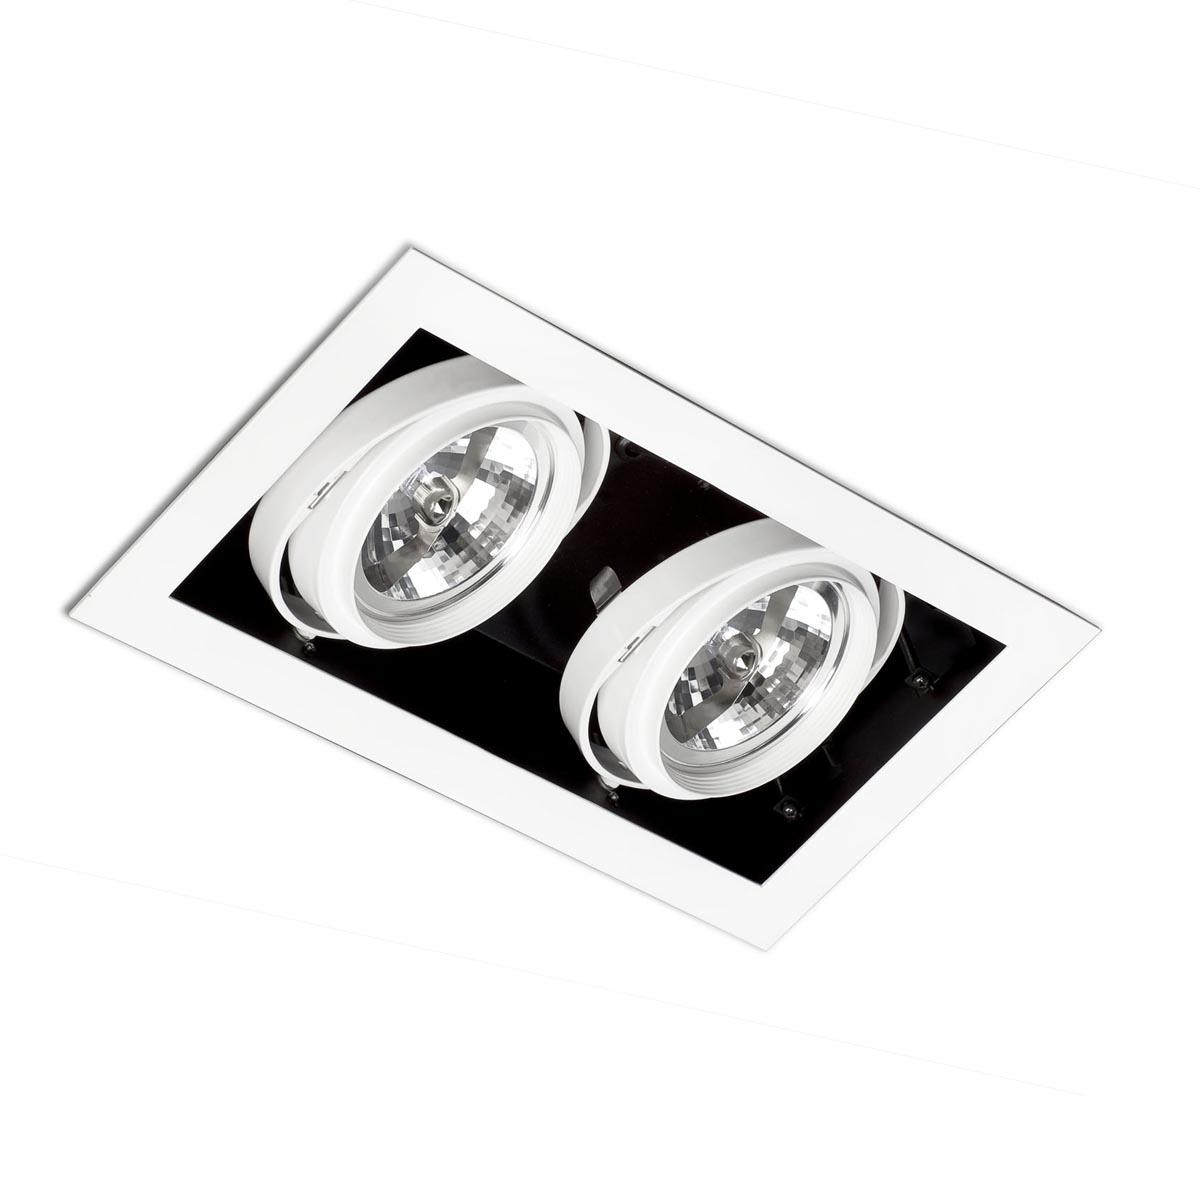 Faro Einbaustrahler Gingko Orient 2L Qr-111 100W Schwarz, Weiß, Stahl, 03030202 | Lampen > Strahler und Systeme > Einbaustrahler | Schwarz - Weiß | Stahl